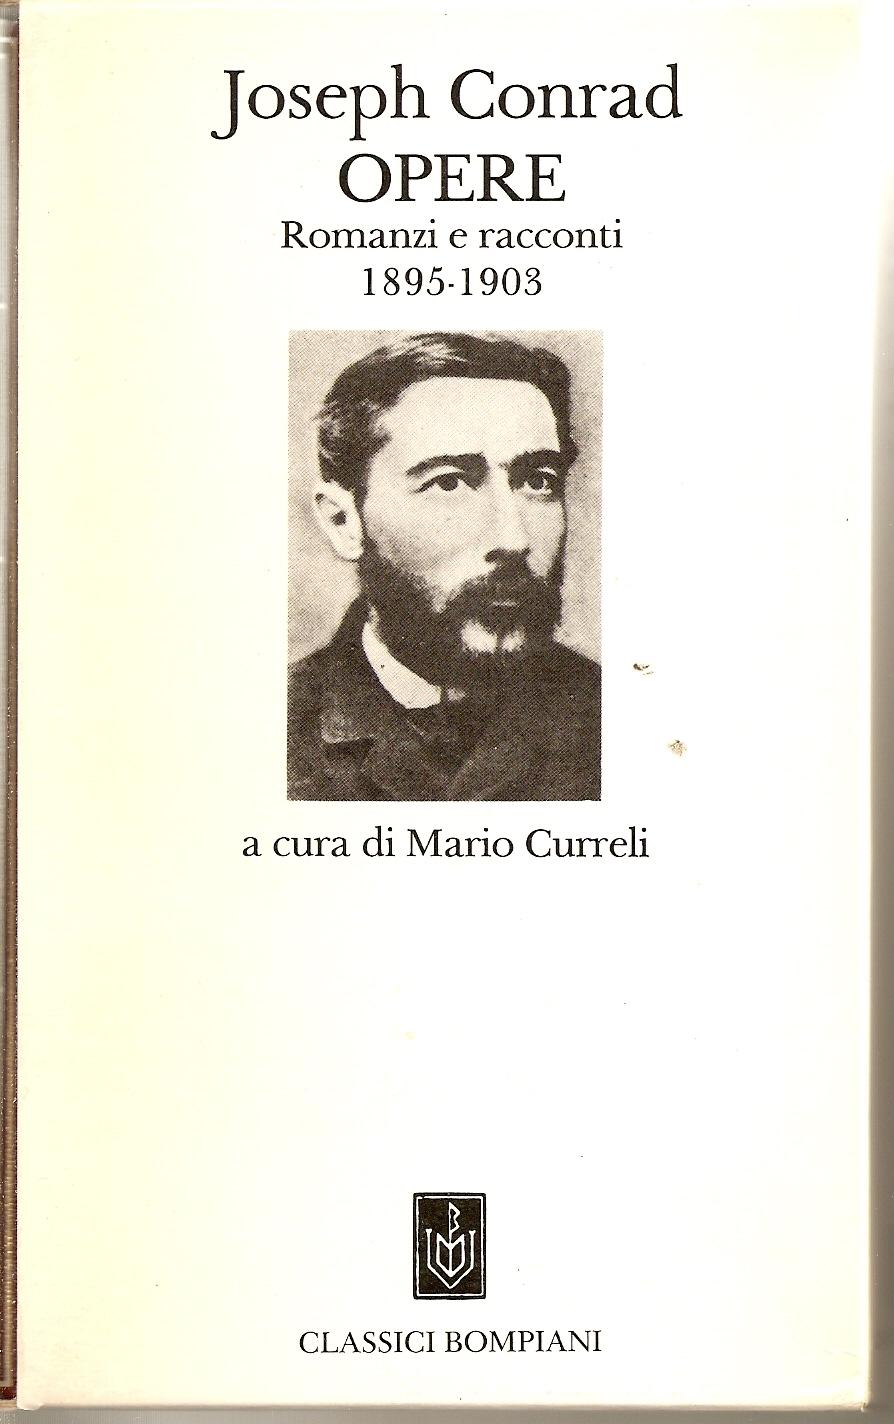 Opere, romanzi e racconti (1894-1903)